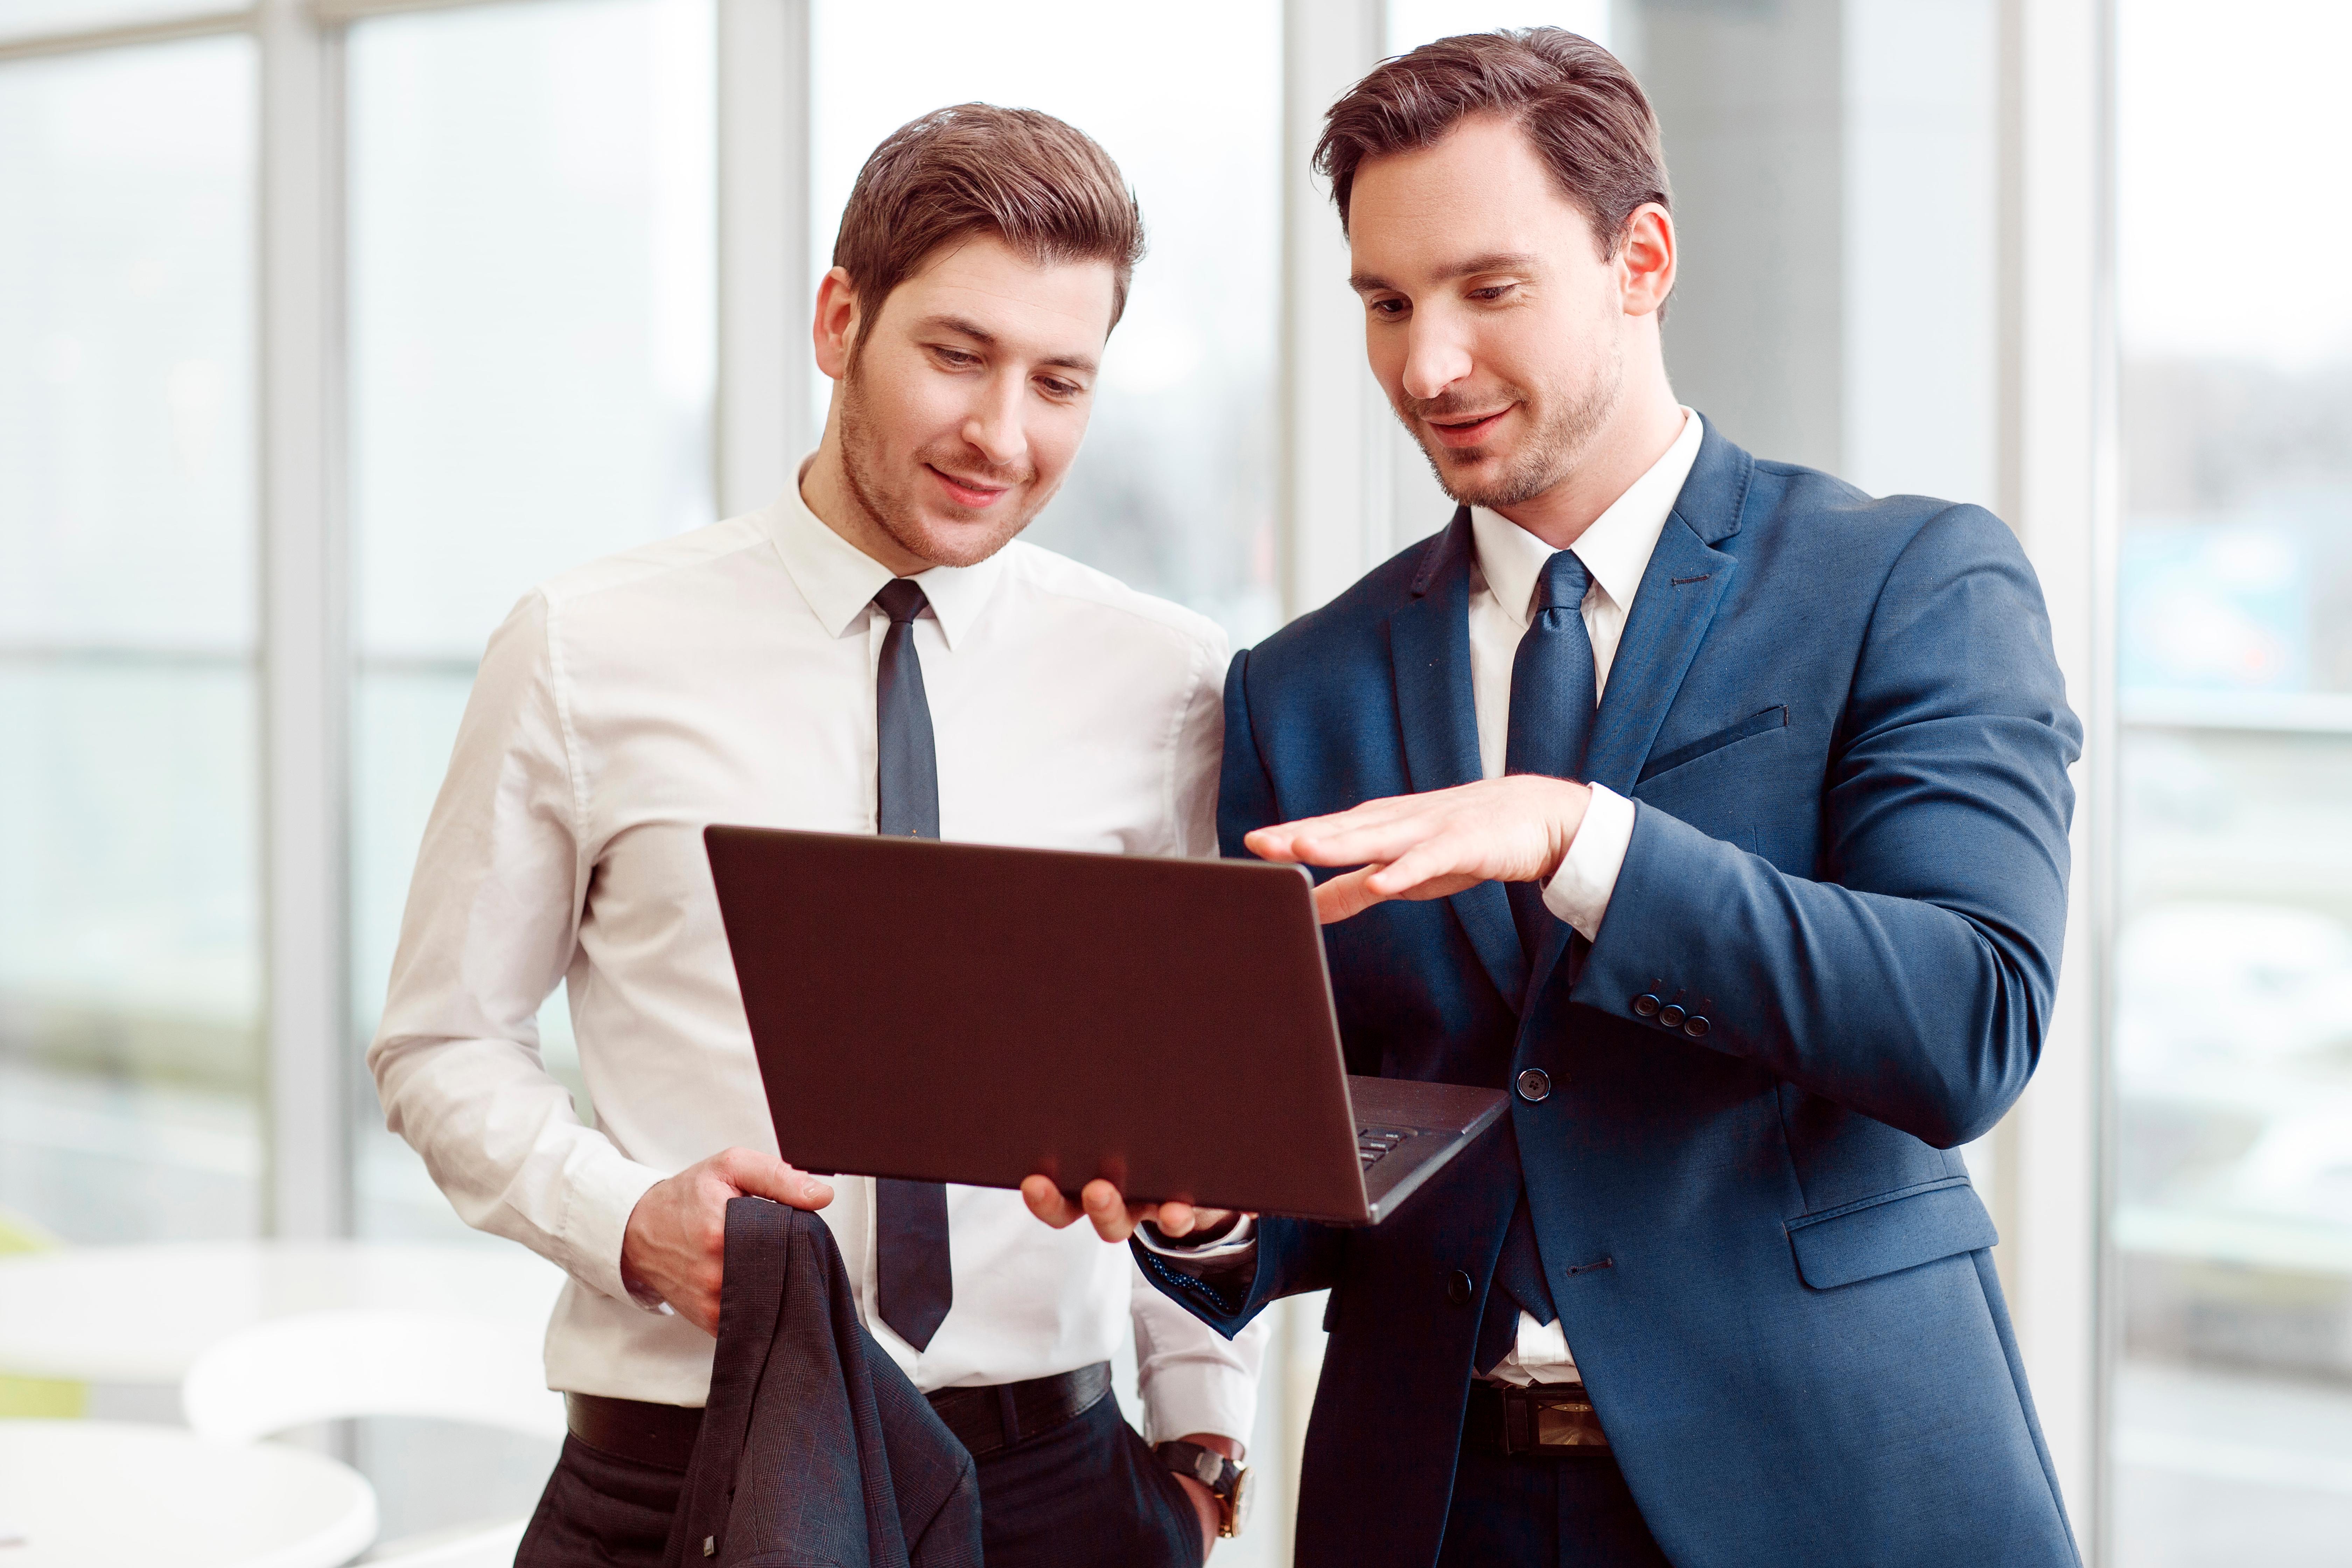 Constituir una empresa: errores más comunes en que caen los socios